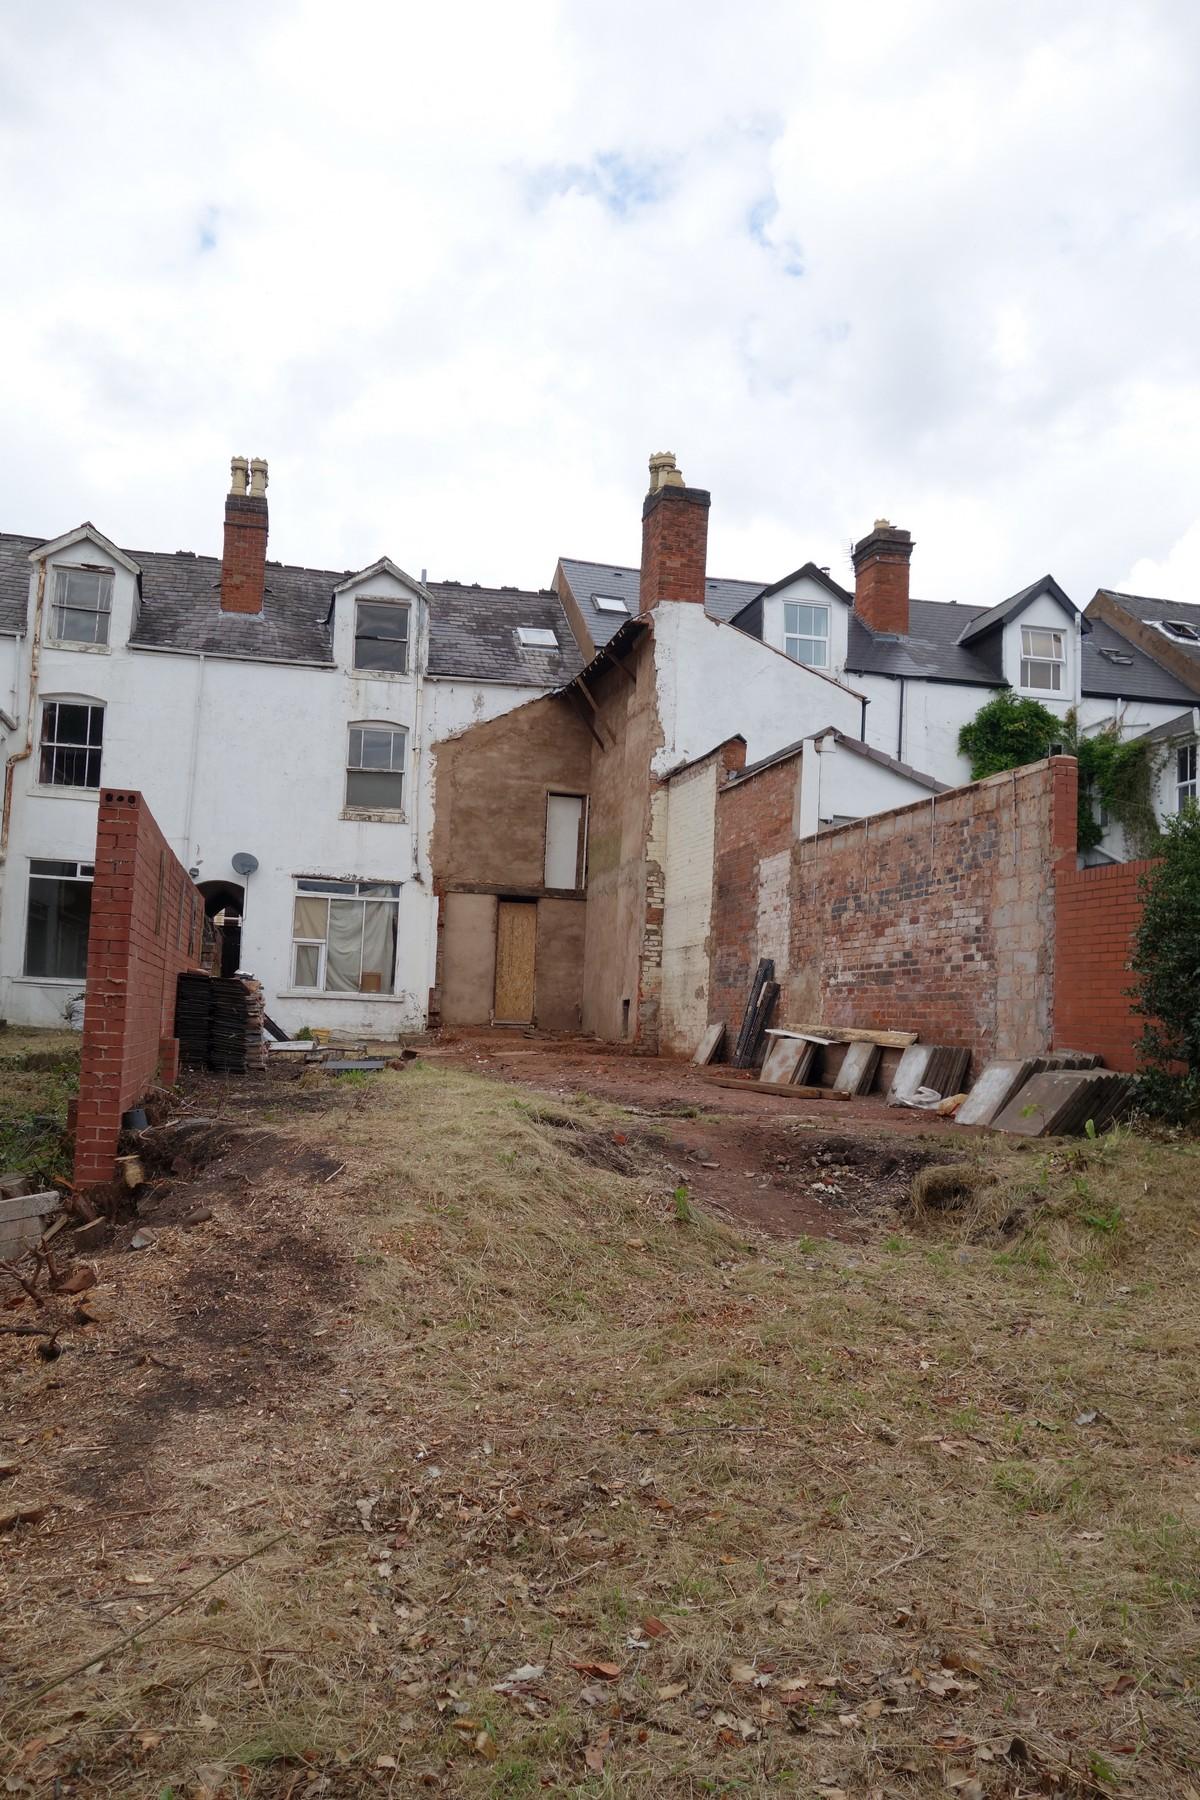 Британка купила ветхий дом за £415 000 и превращает его в дом мечты стоимостью £1 000 000